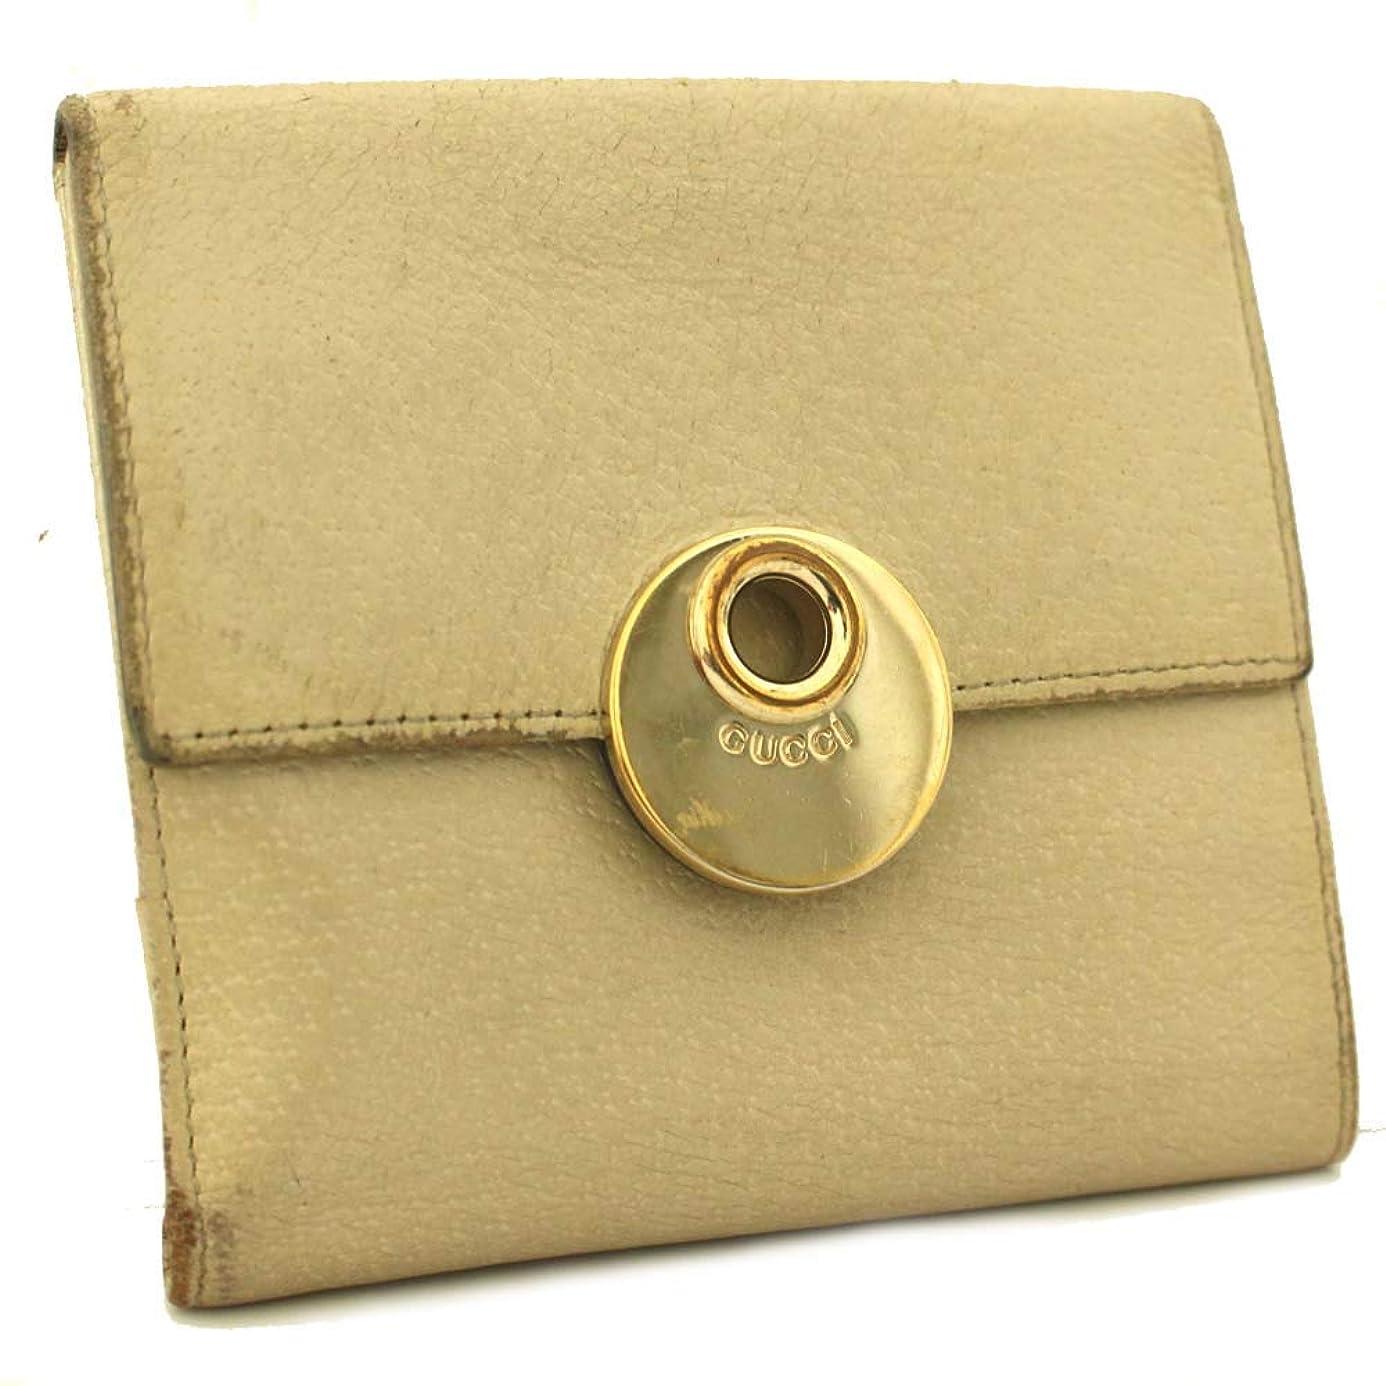 ゆり抗生物質カウンターパートグッチ GUCCI Wホック財布 ロゴ 120932 二つ折り財布 アイボリー レディース 型押しレザー [中古]